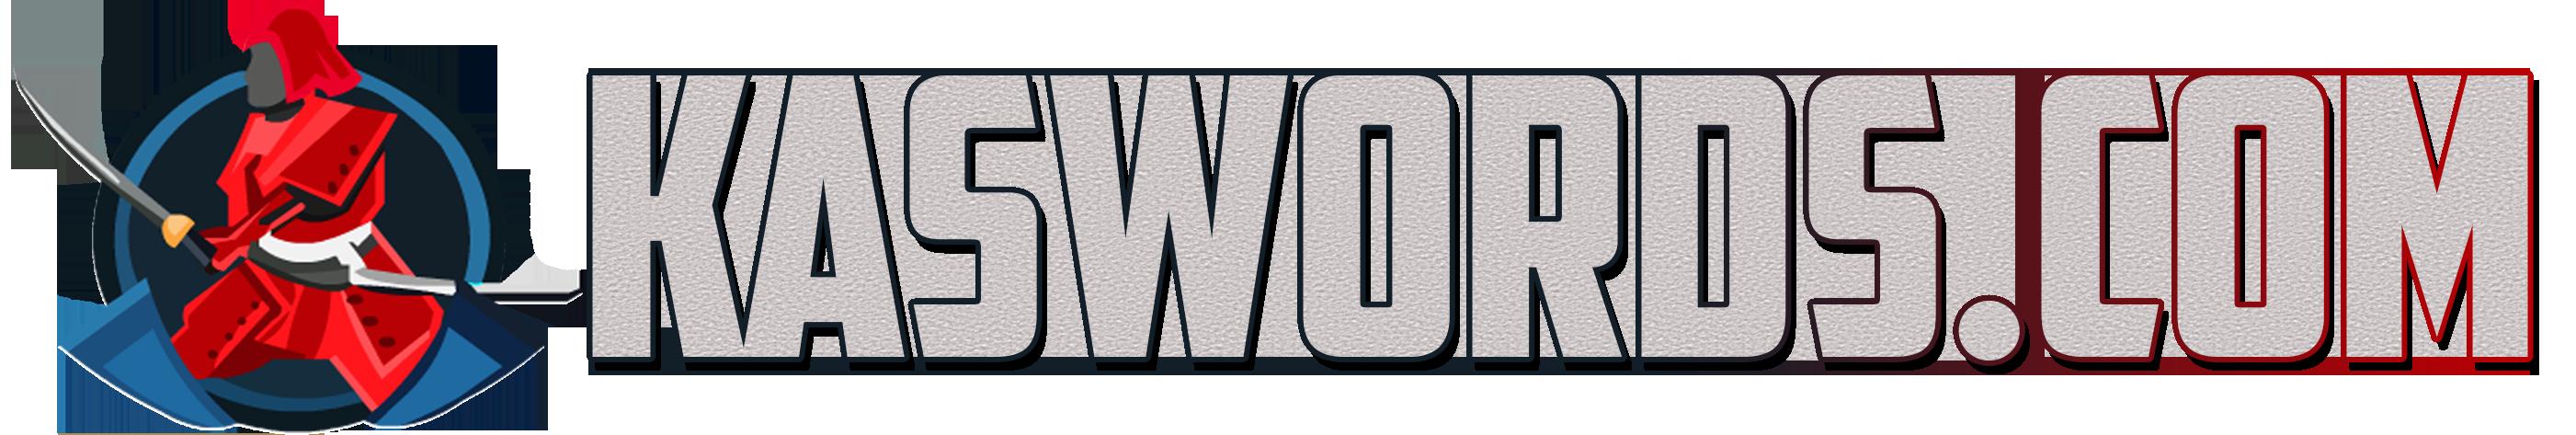 Kaswords.com